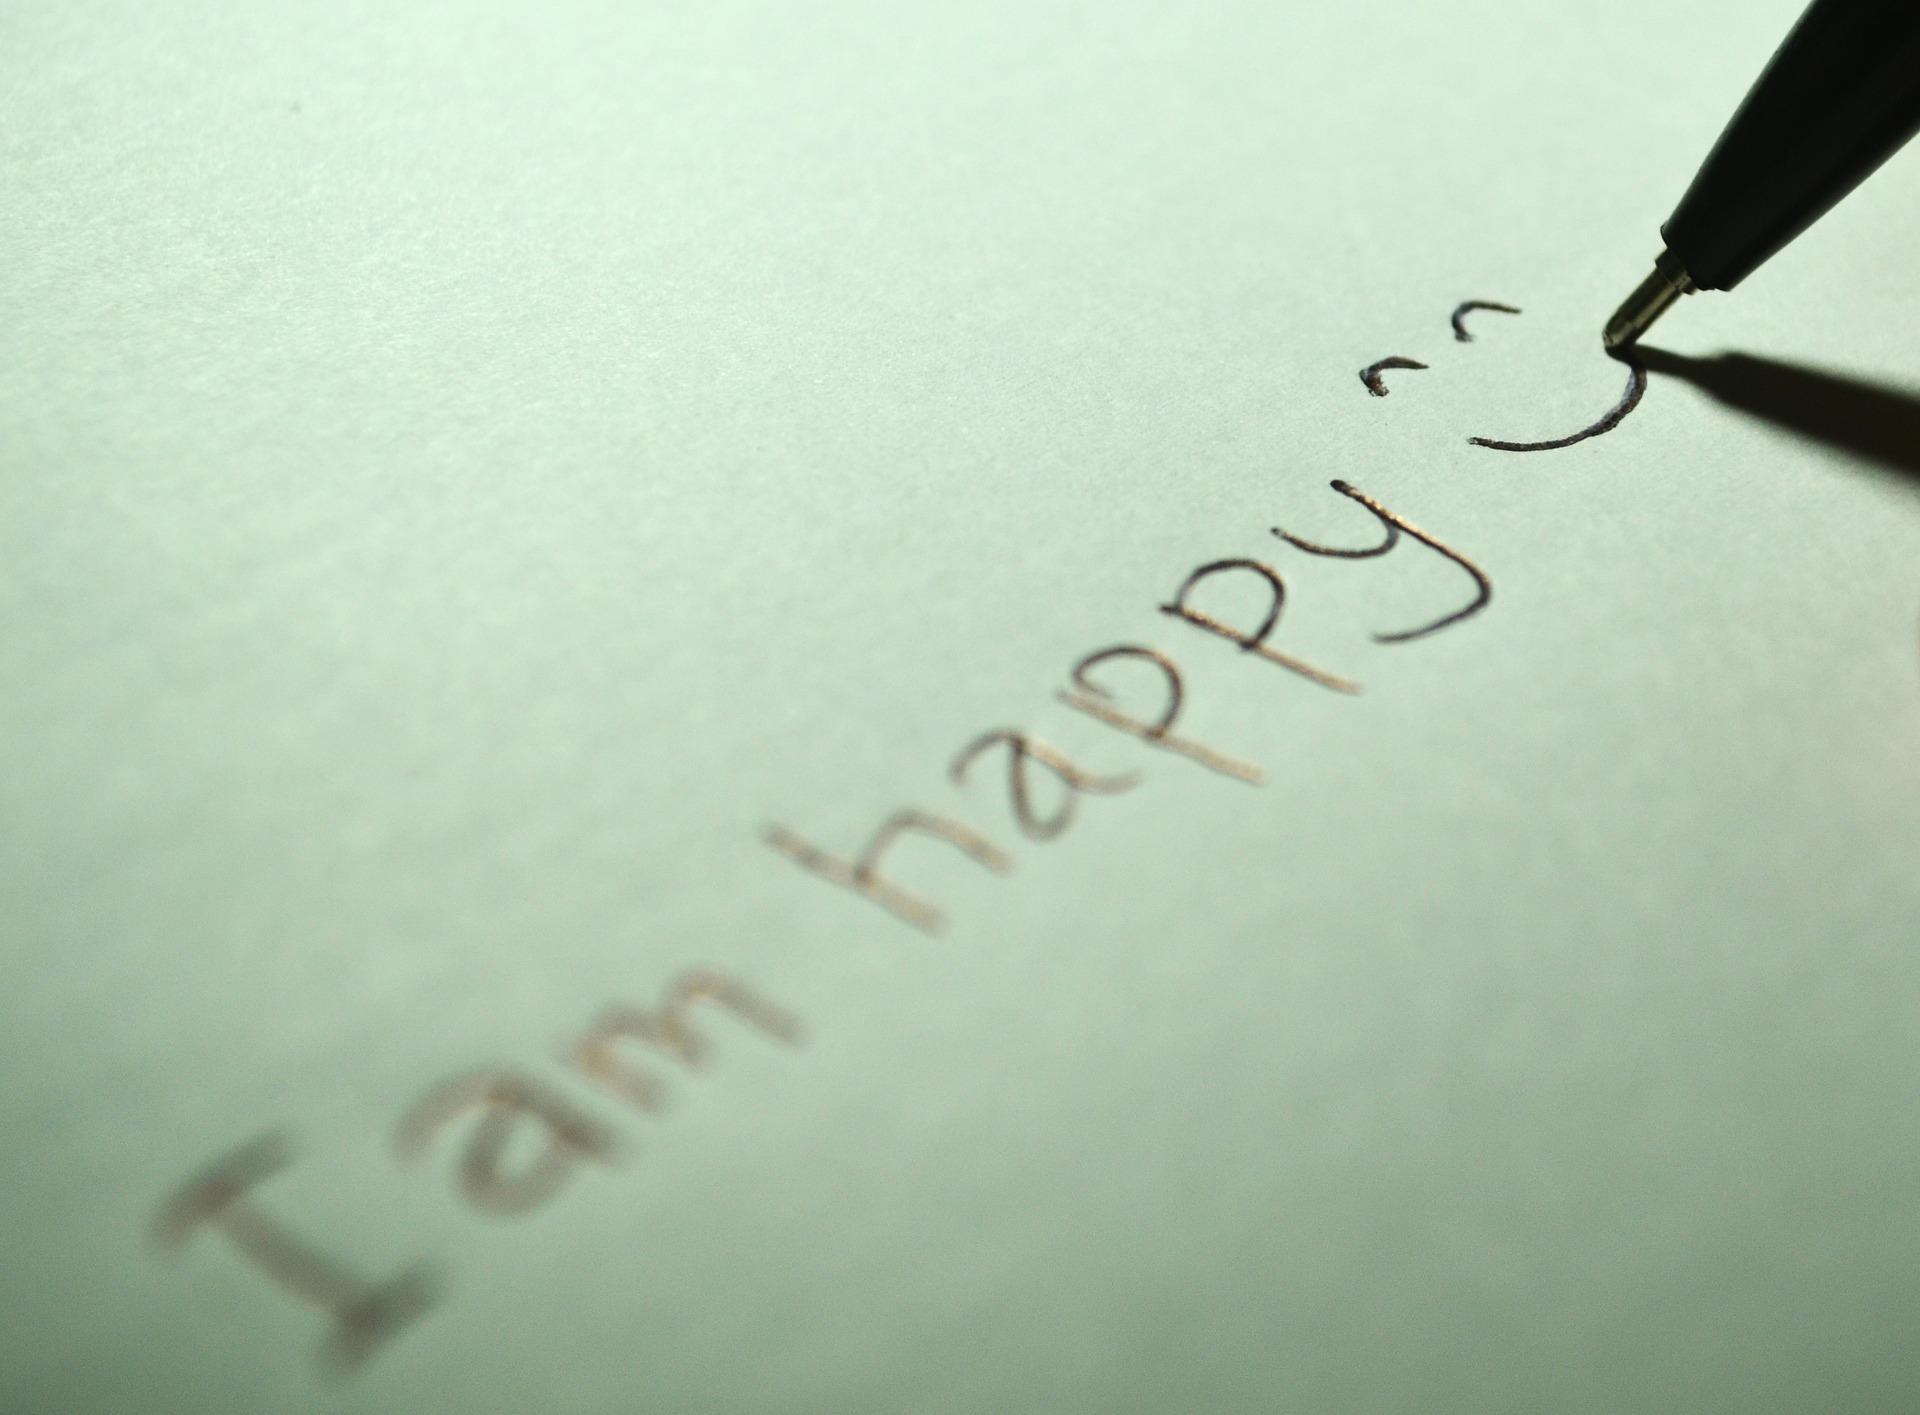 Text handschriftlich: I am happy :-) (Bild von Fathromi Ramdlon auf Pixabay )